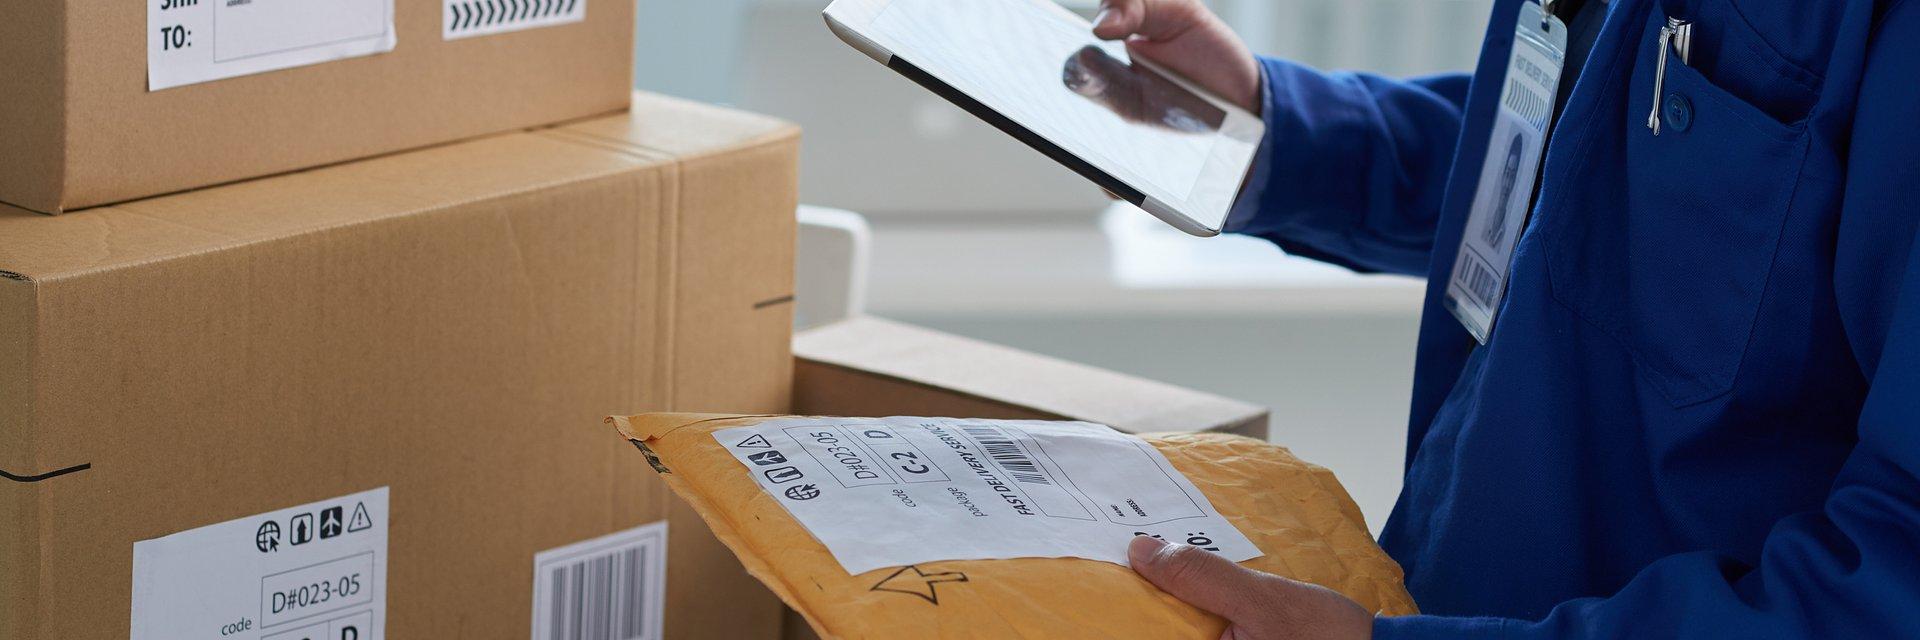 Rynek pocztowy: wystrzeliły przesyłki kurierskie, nie poddają się listy. Czego spodziewać się w przyszłym roku?